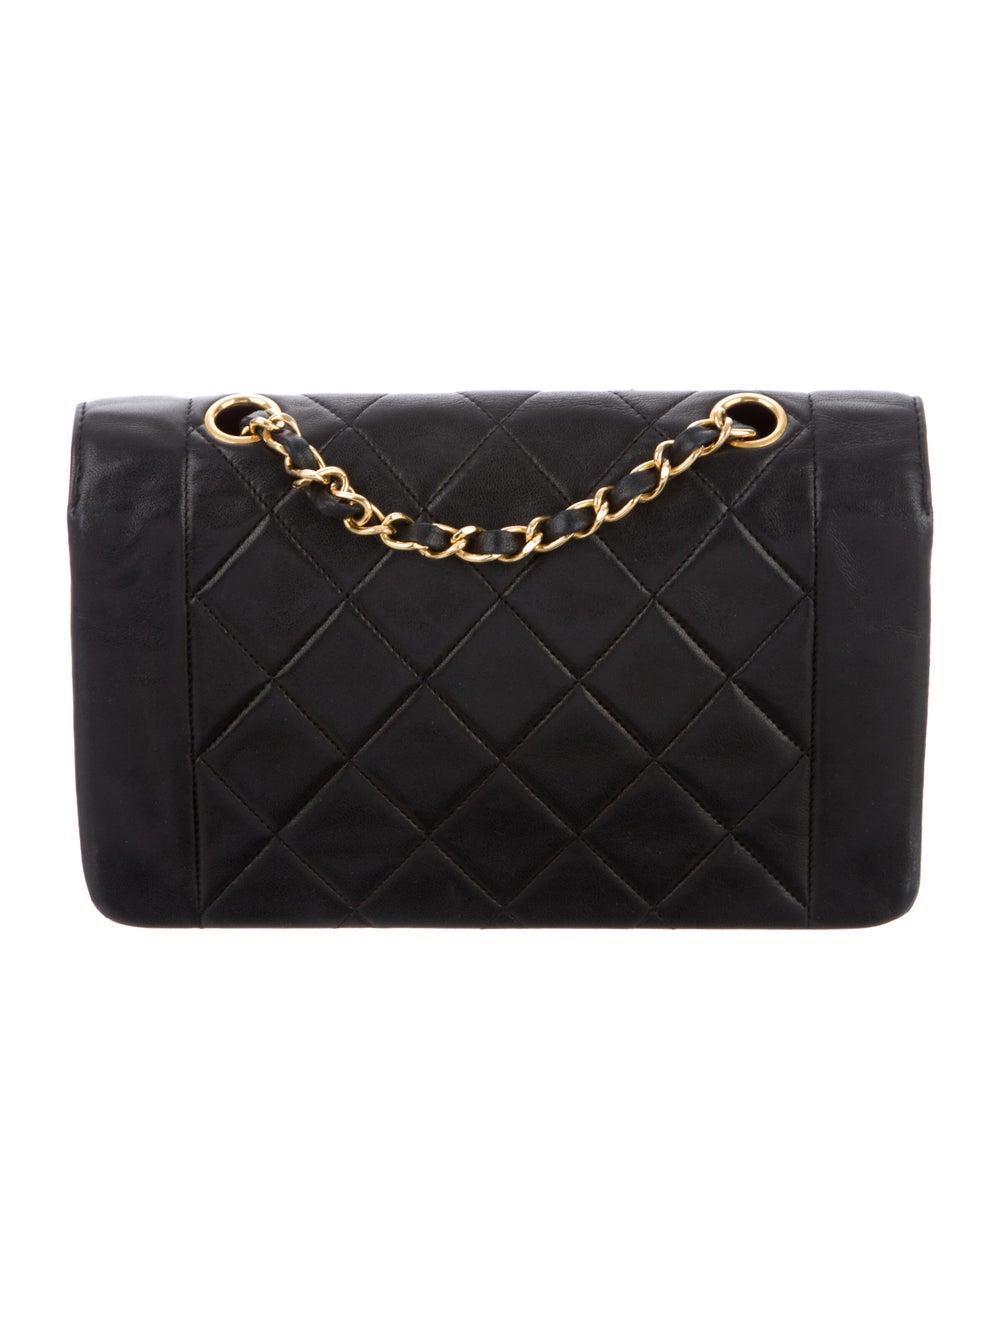 Chanel Vintage Diana Flap Bag Blue - image 4